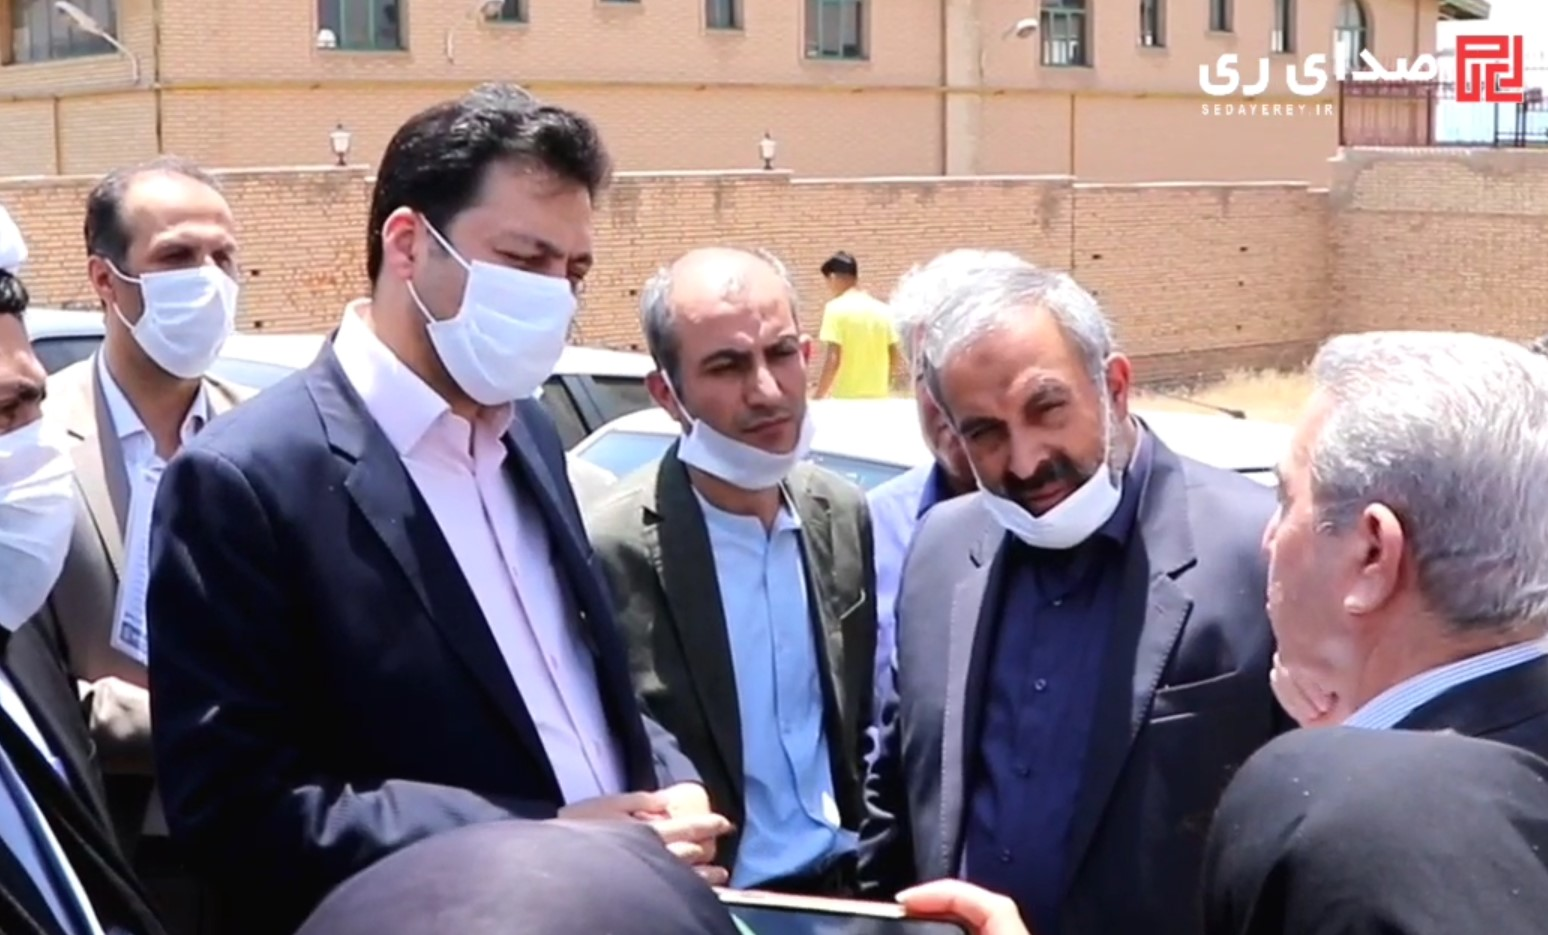 بازدید فرماندار شهرستان ری به همراه نمایندگان مجلس شورای اسلامی از بخش قلعه نو